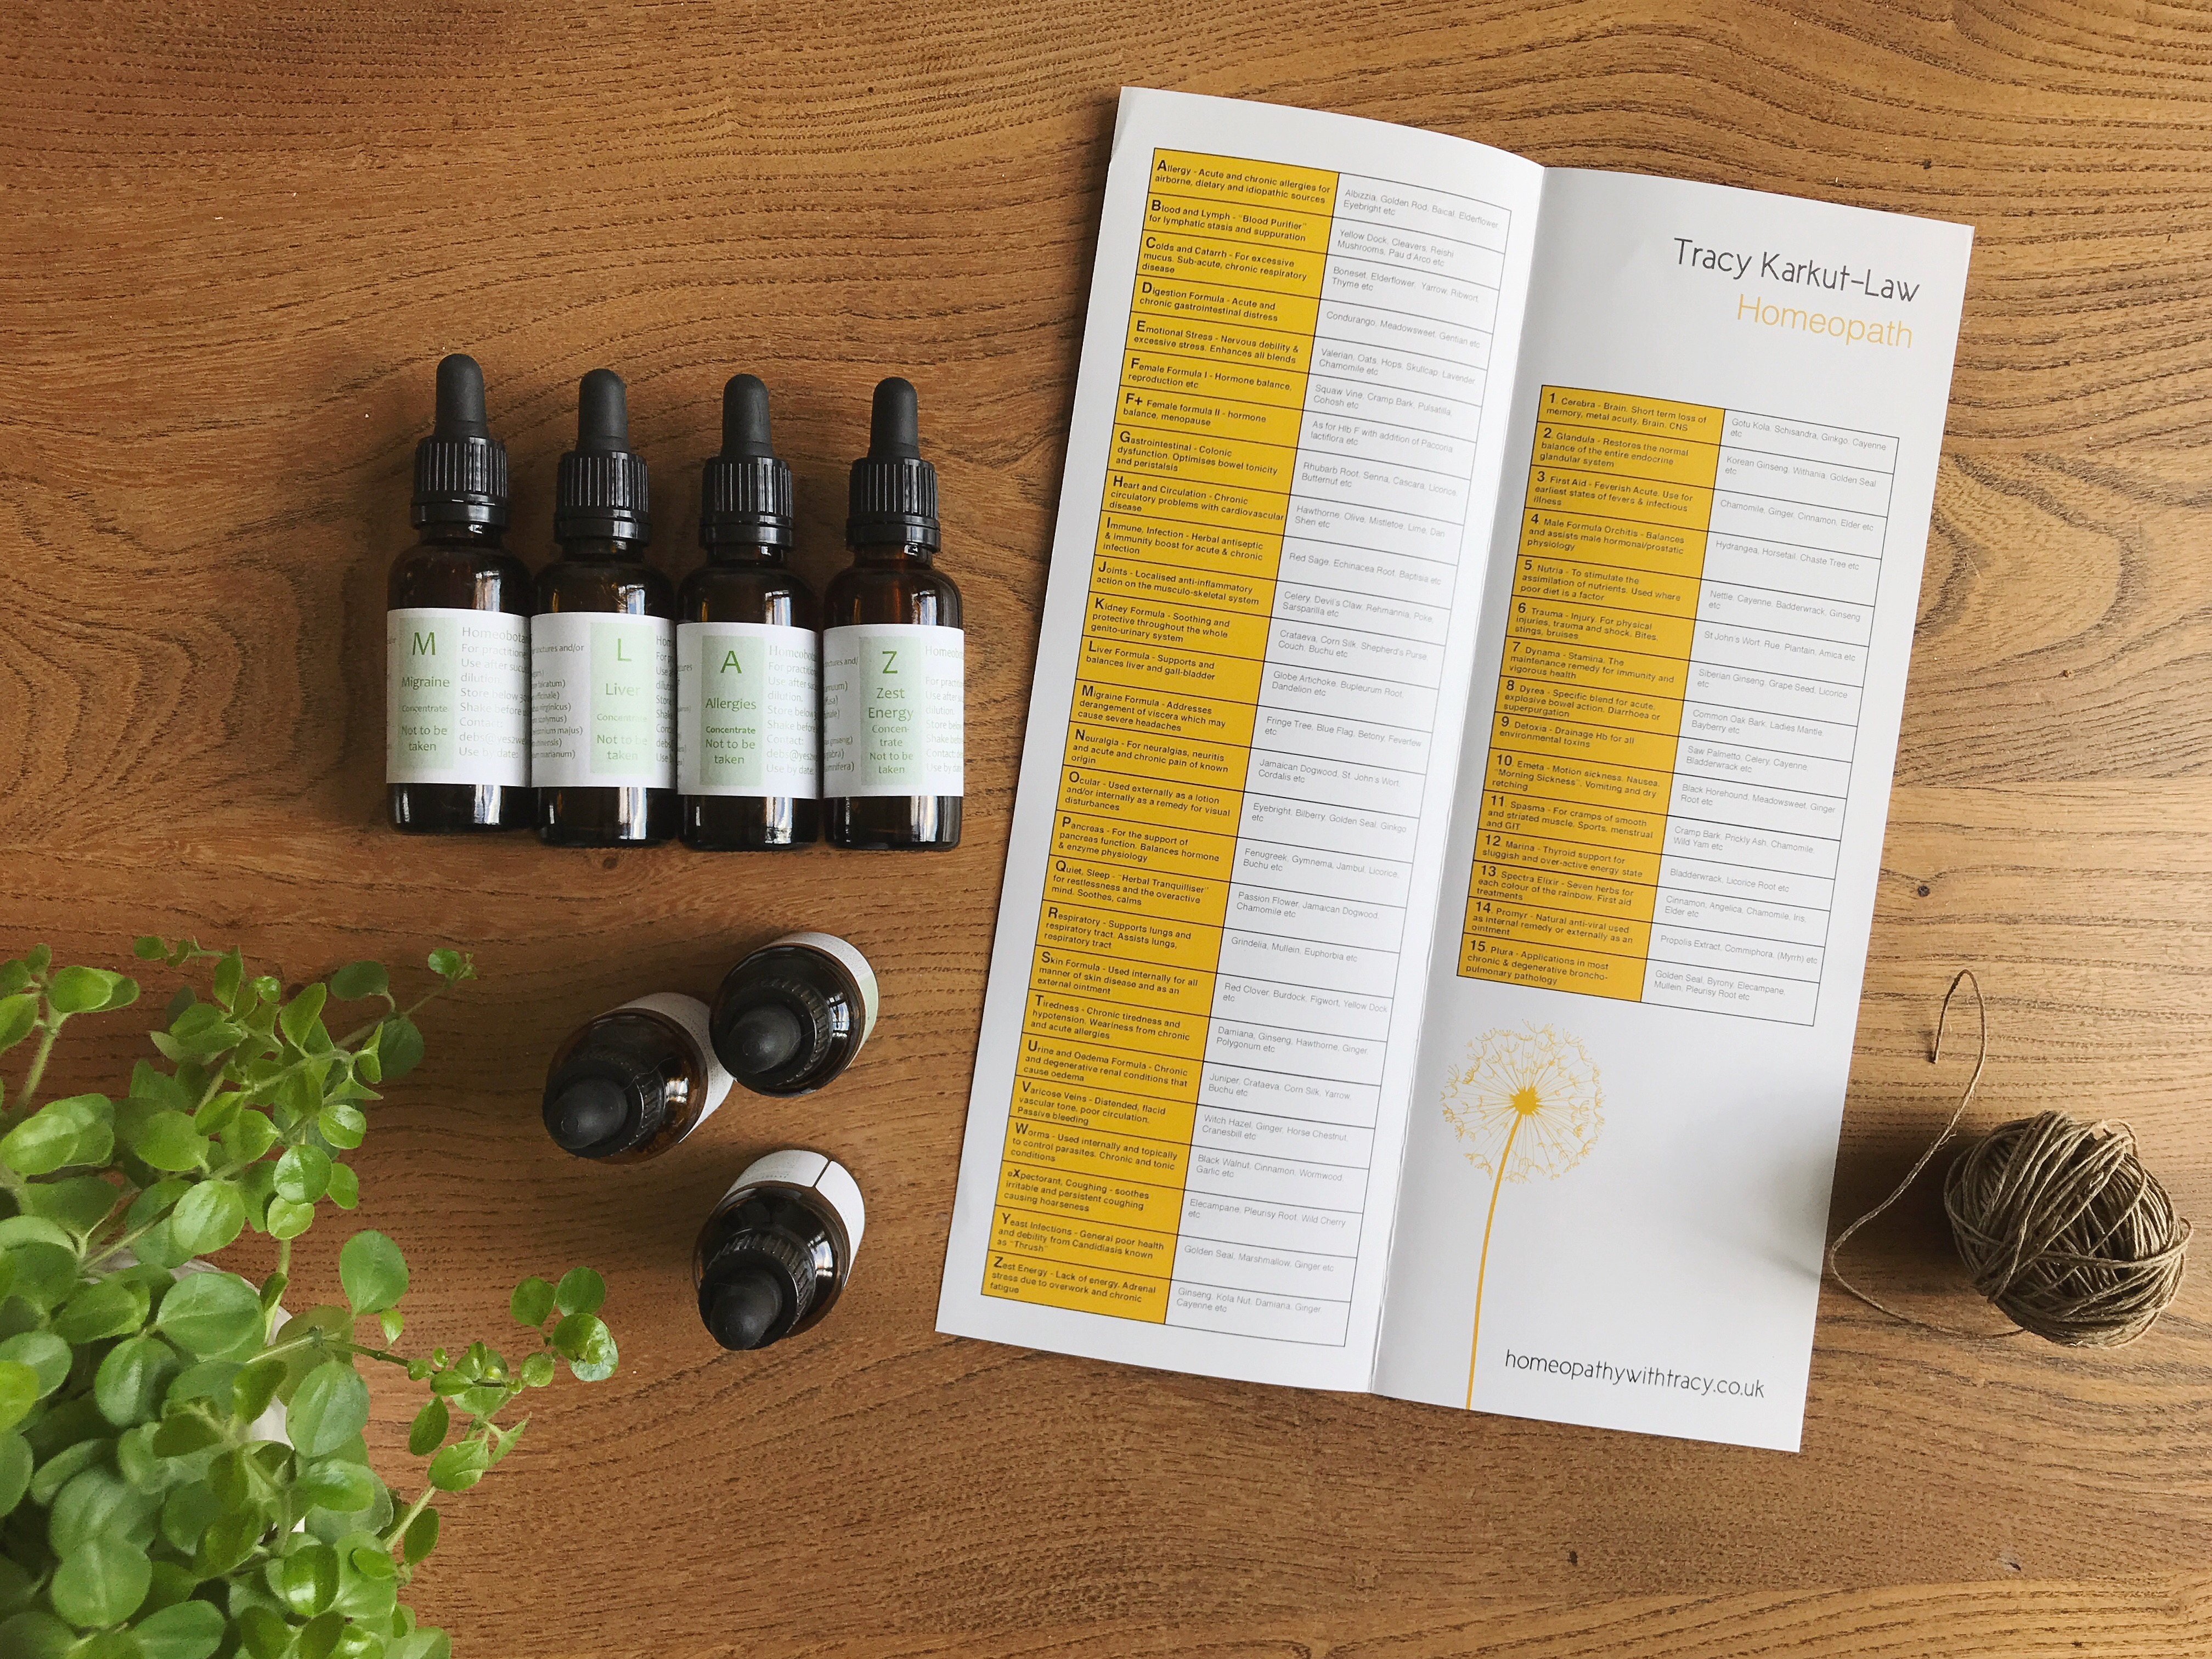 homeopathy, homeobotanicals, detox, balance, immunity, hormones, skin, digestion, energy